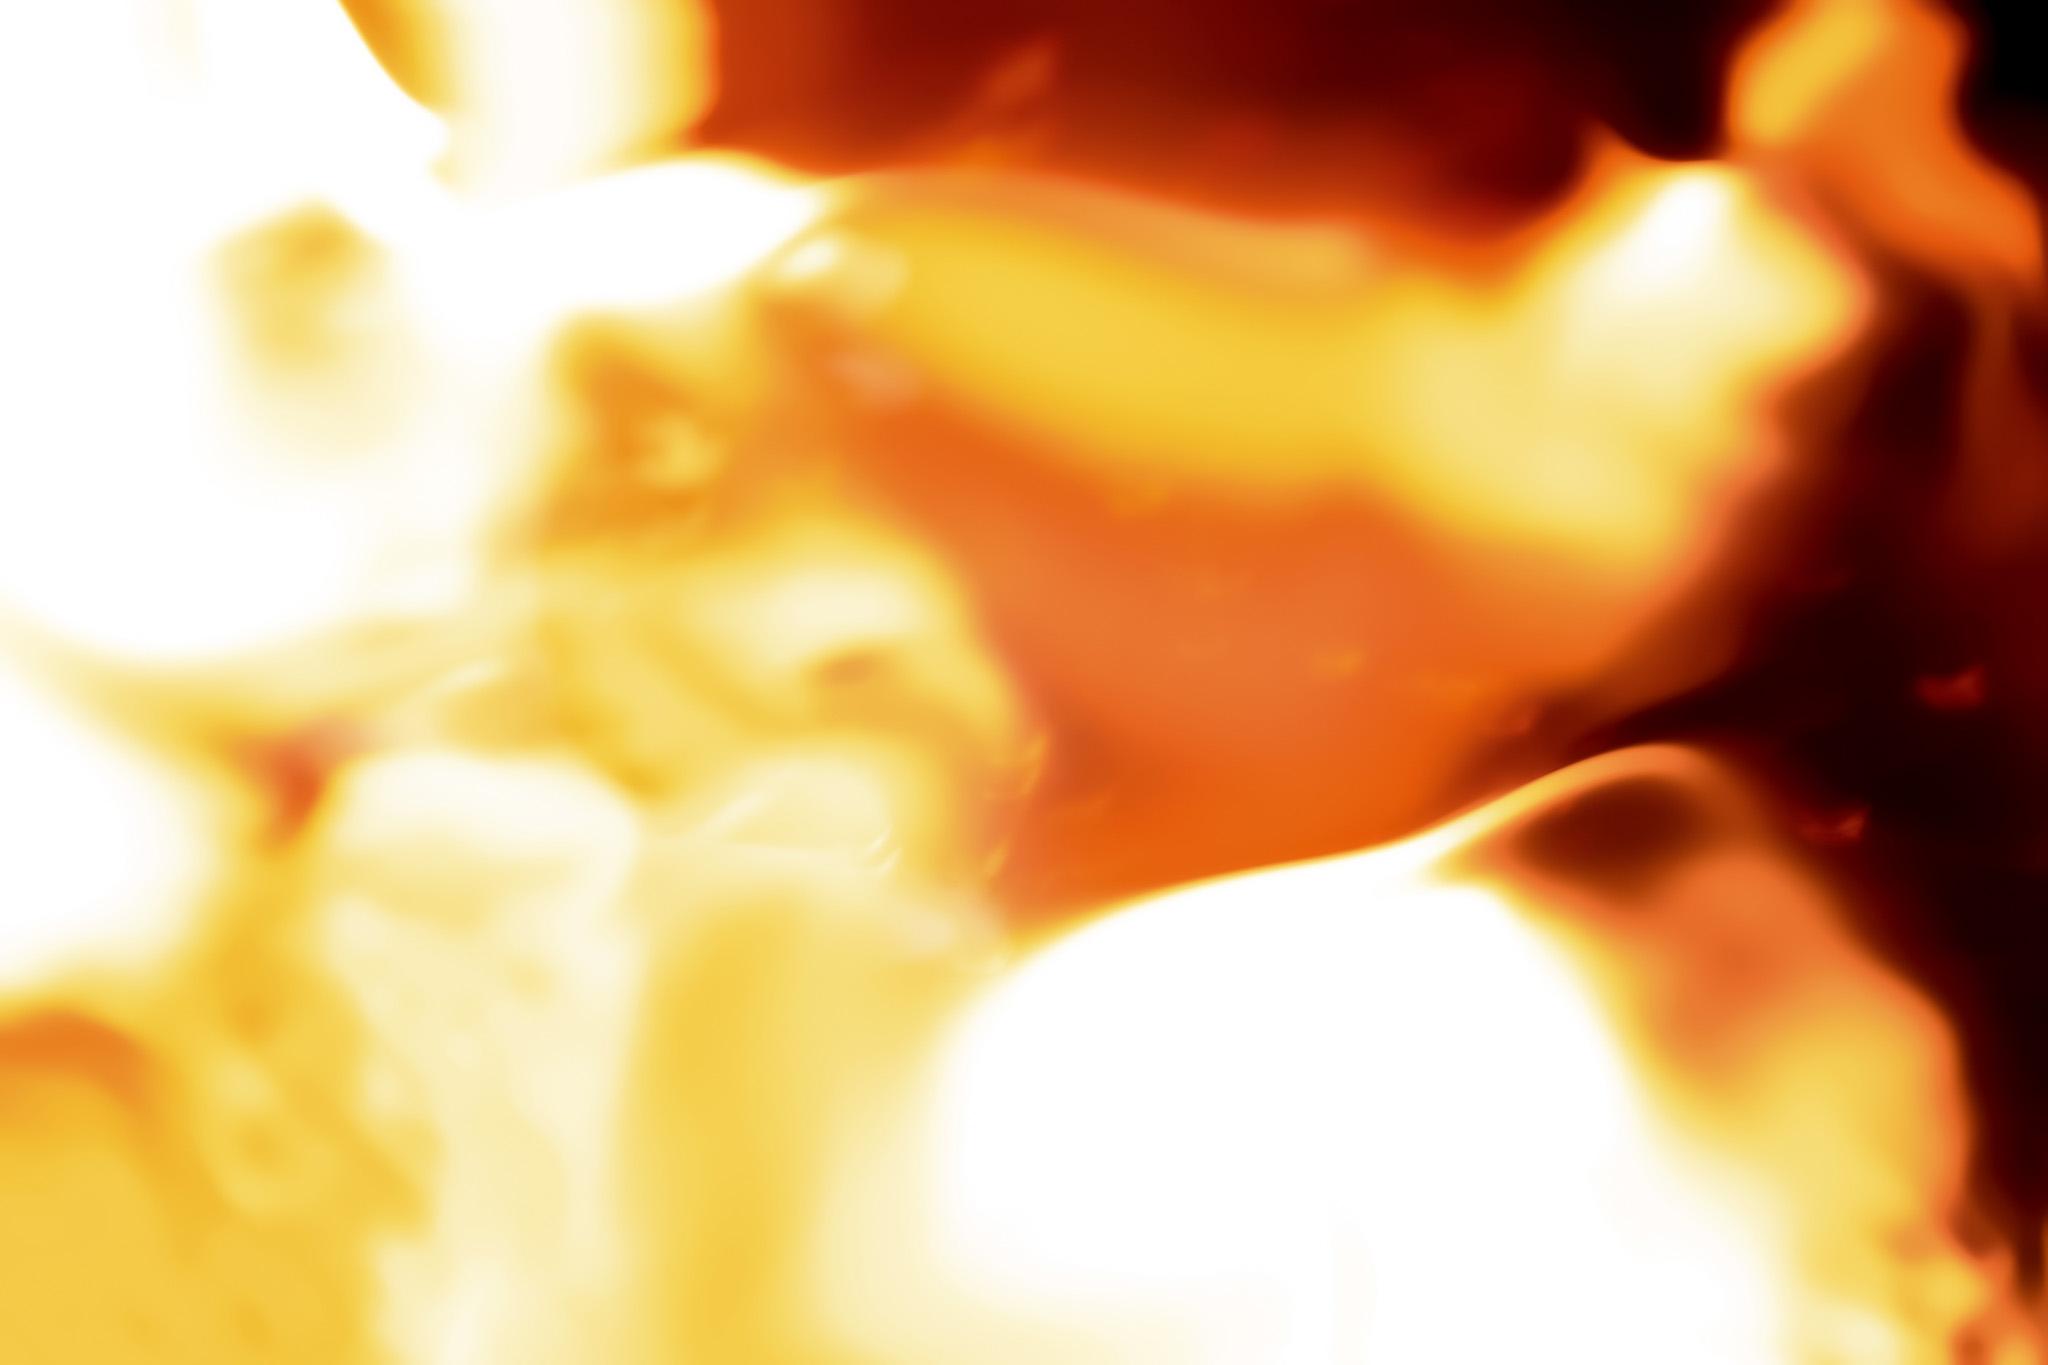 「灼熱の業火に包まれる」